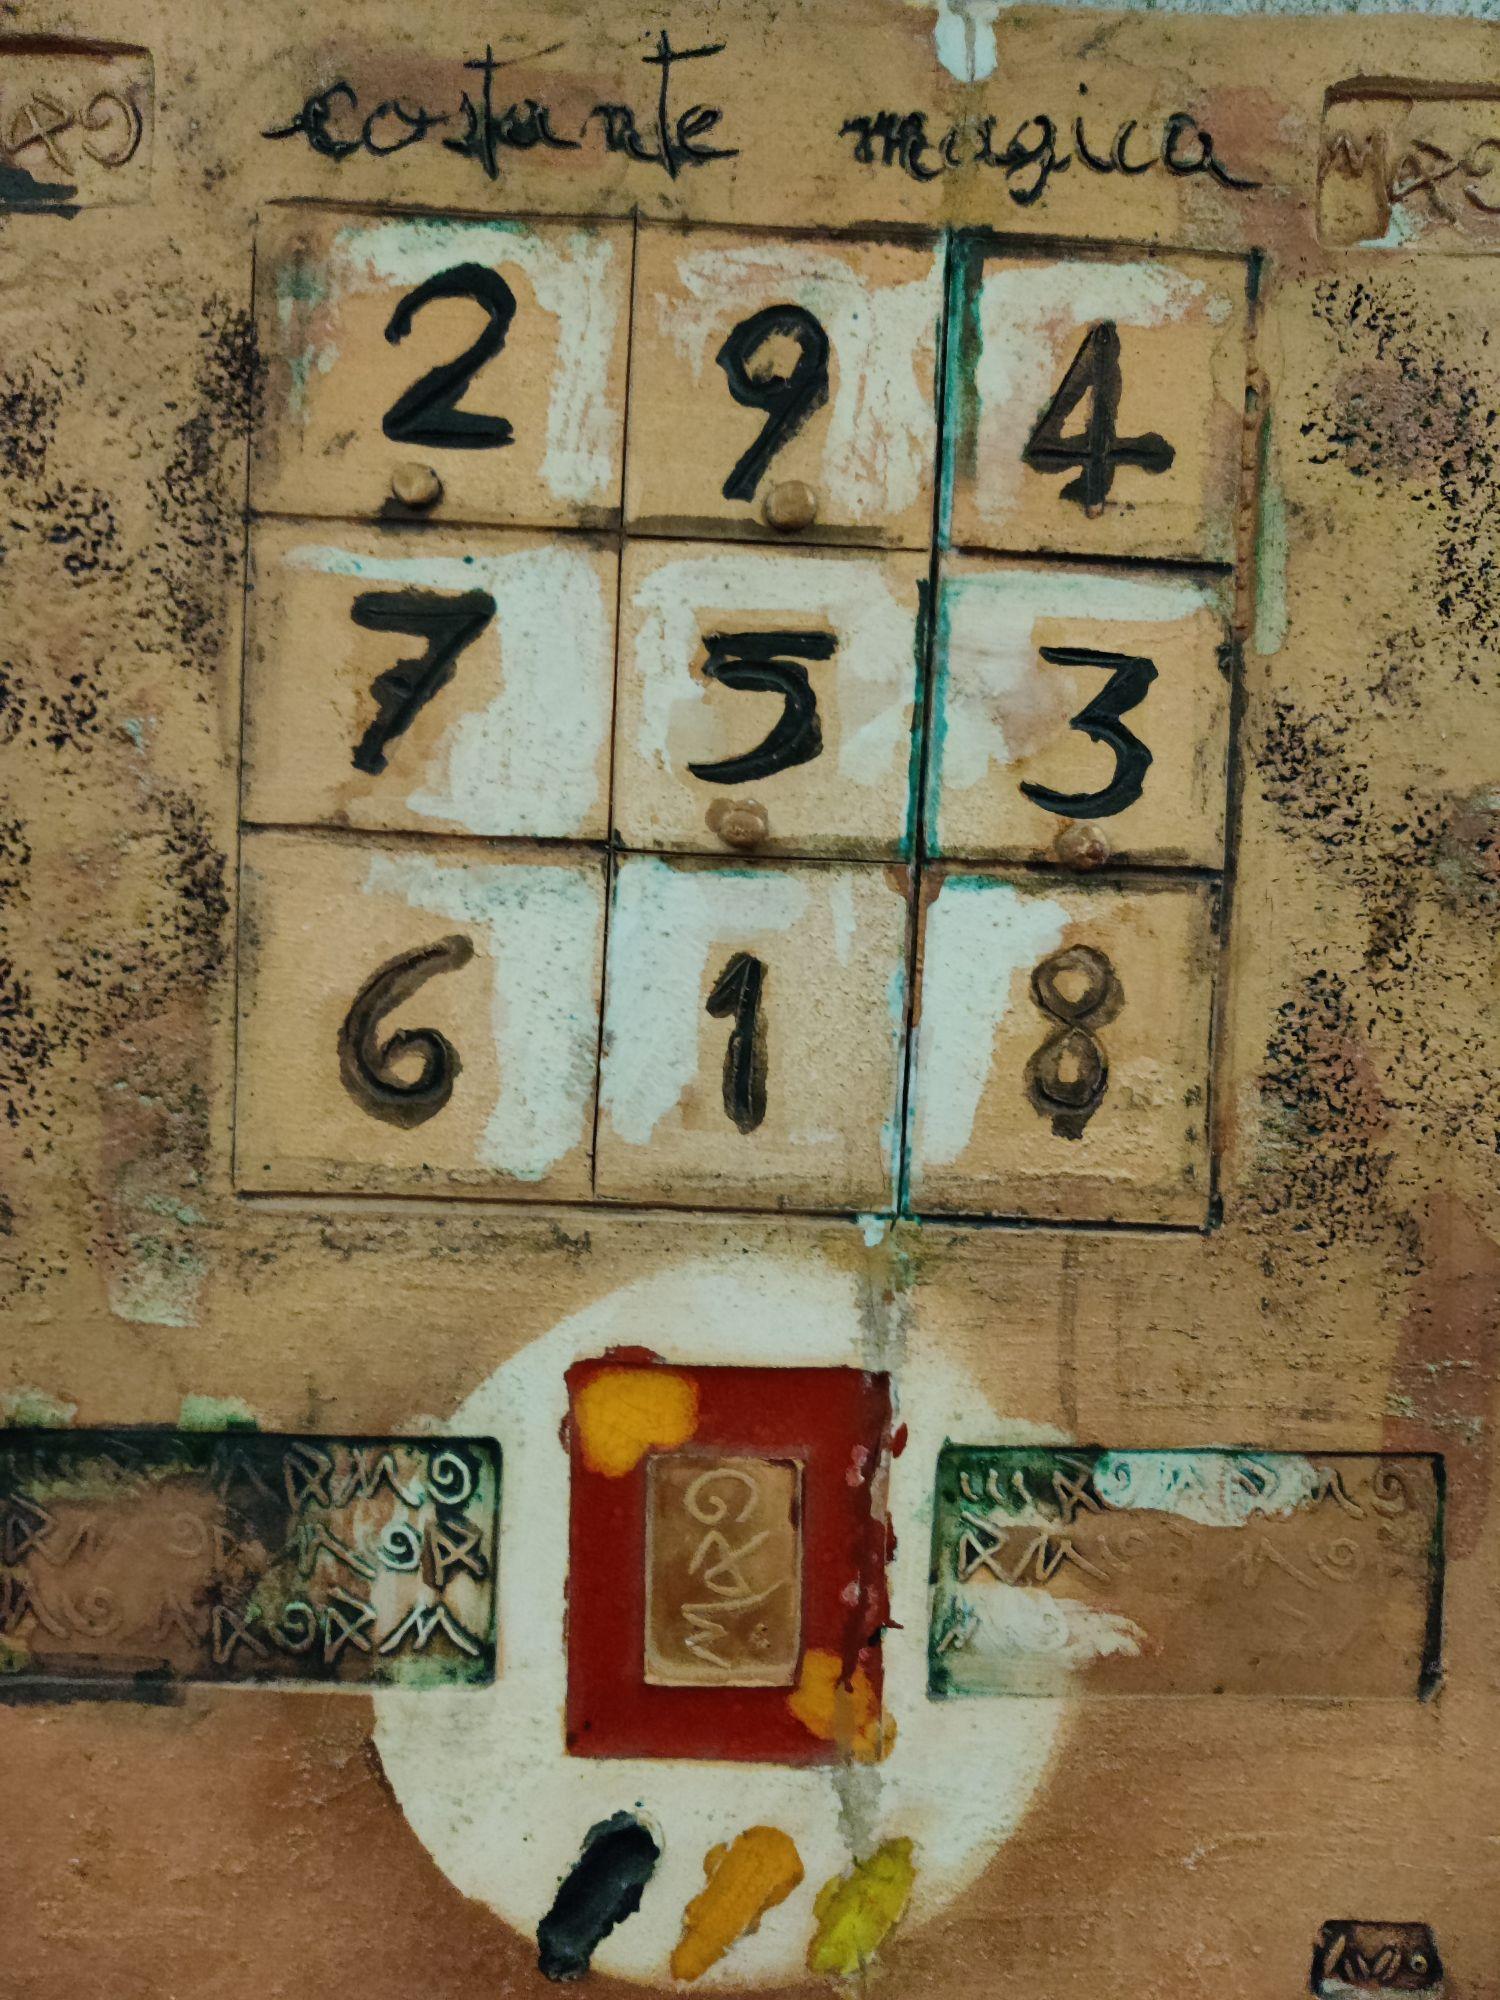 Магическая константа: сумма цифр по горизонтали, вертикали, диагонали одна.